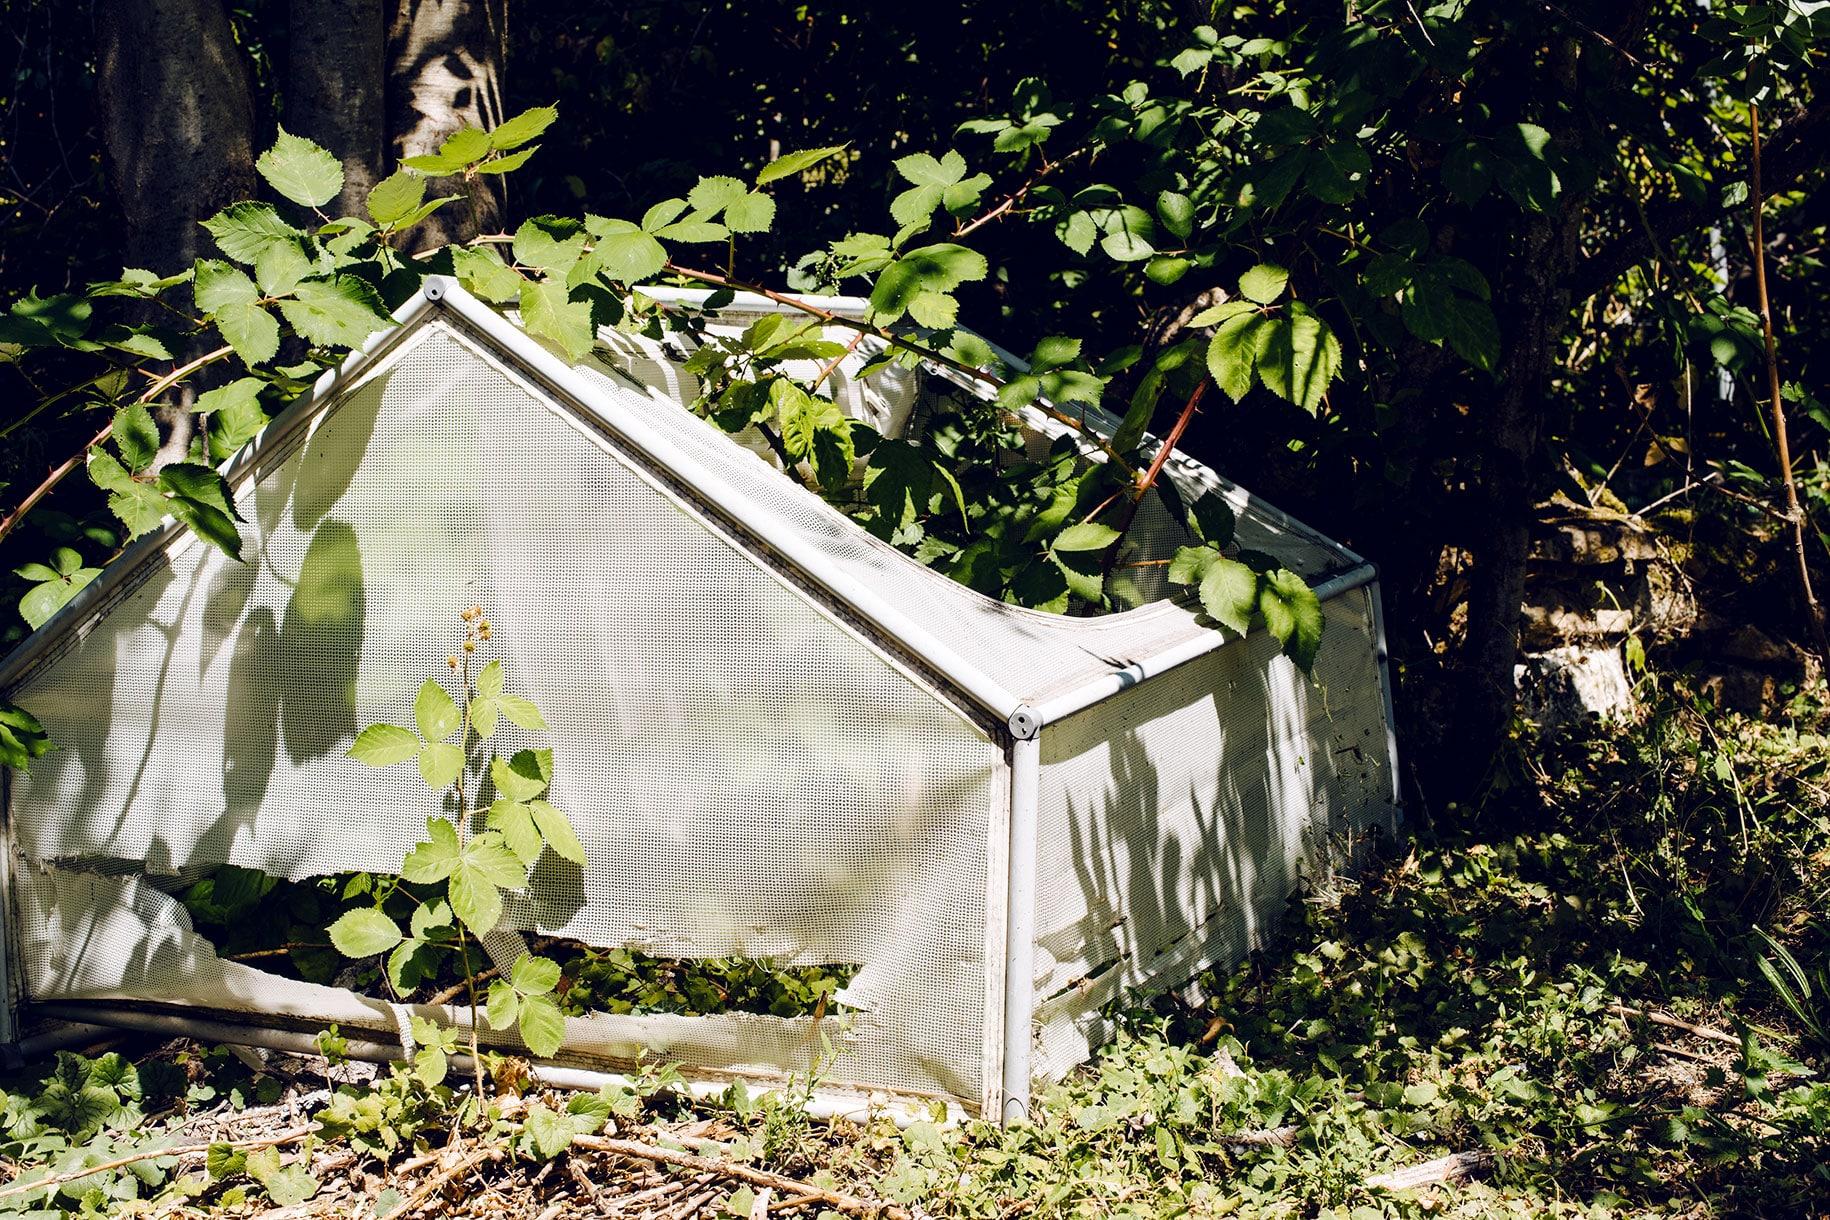 Petite serre abandonnée envahie par la végétation